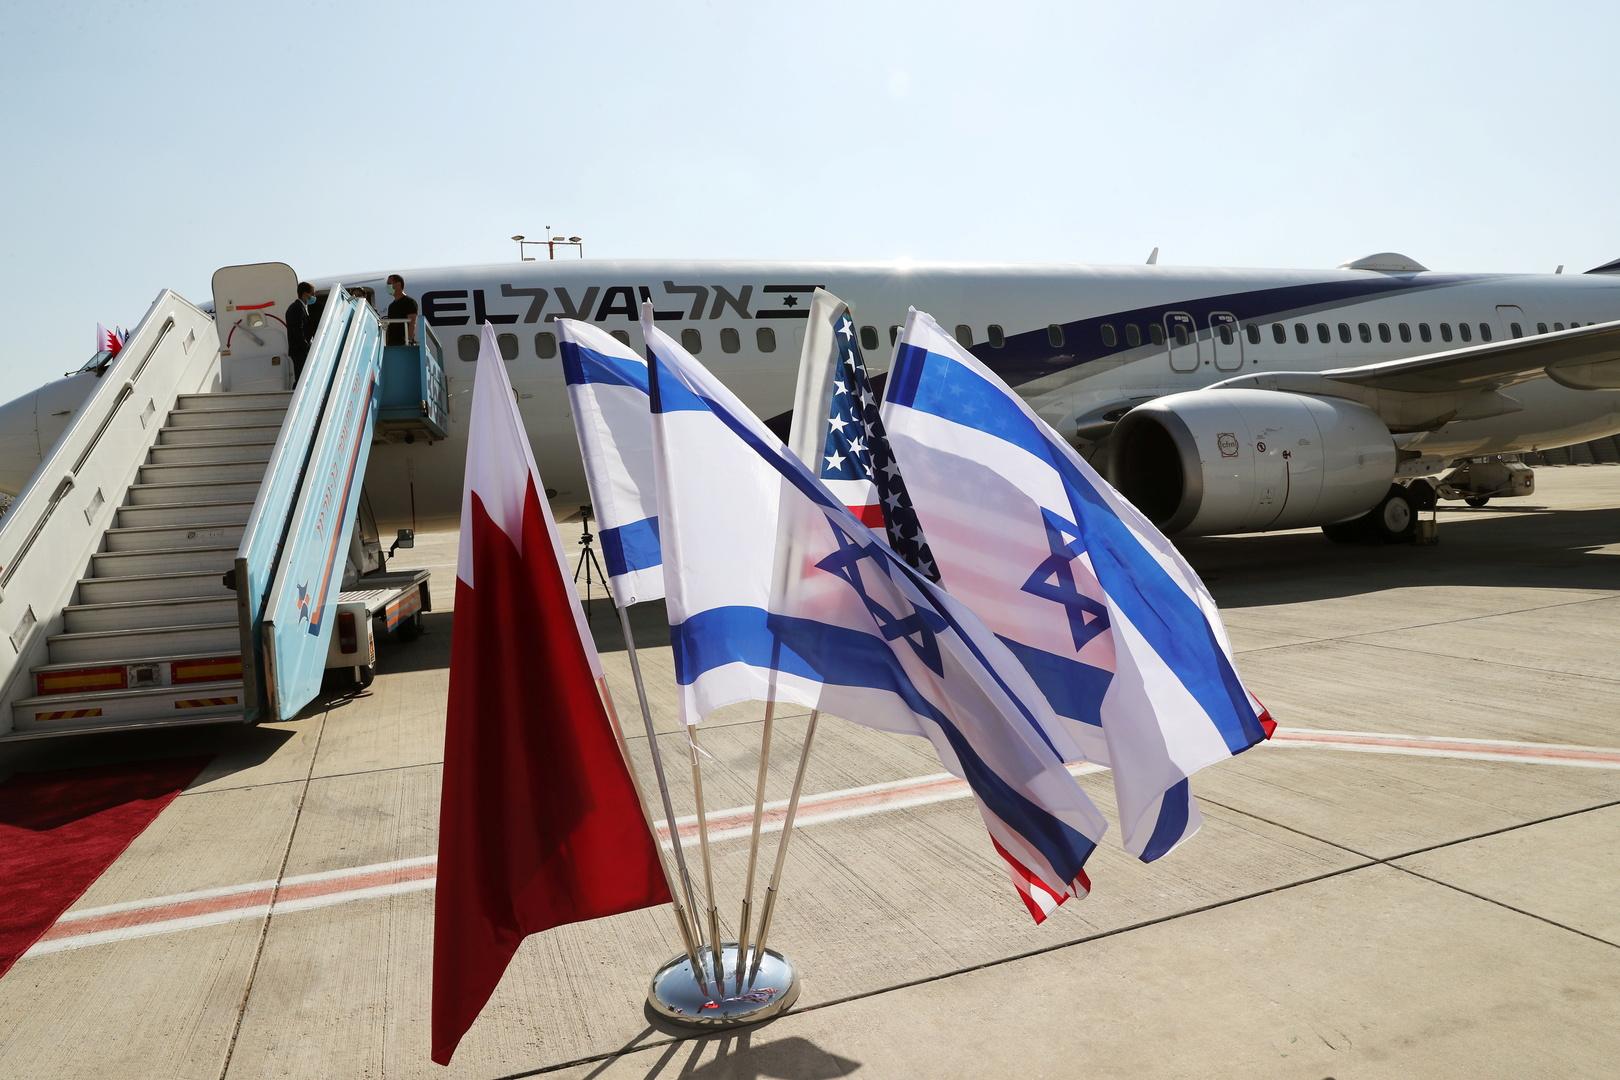 دبلوماسية إسرائيلية: حل الصراع مع الفلسطينيين يجب أن يكون عبر حوار مباشر